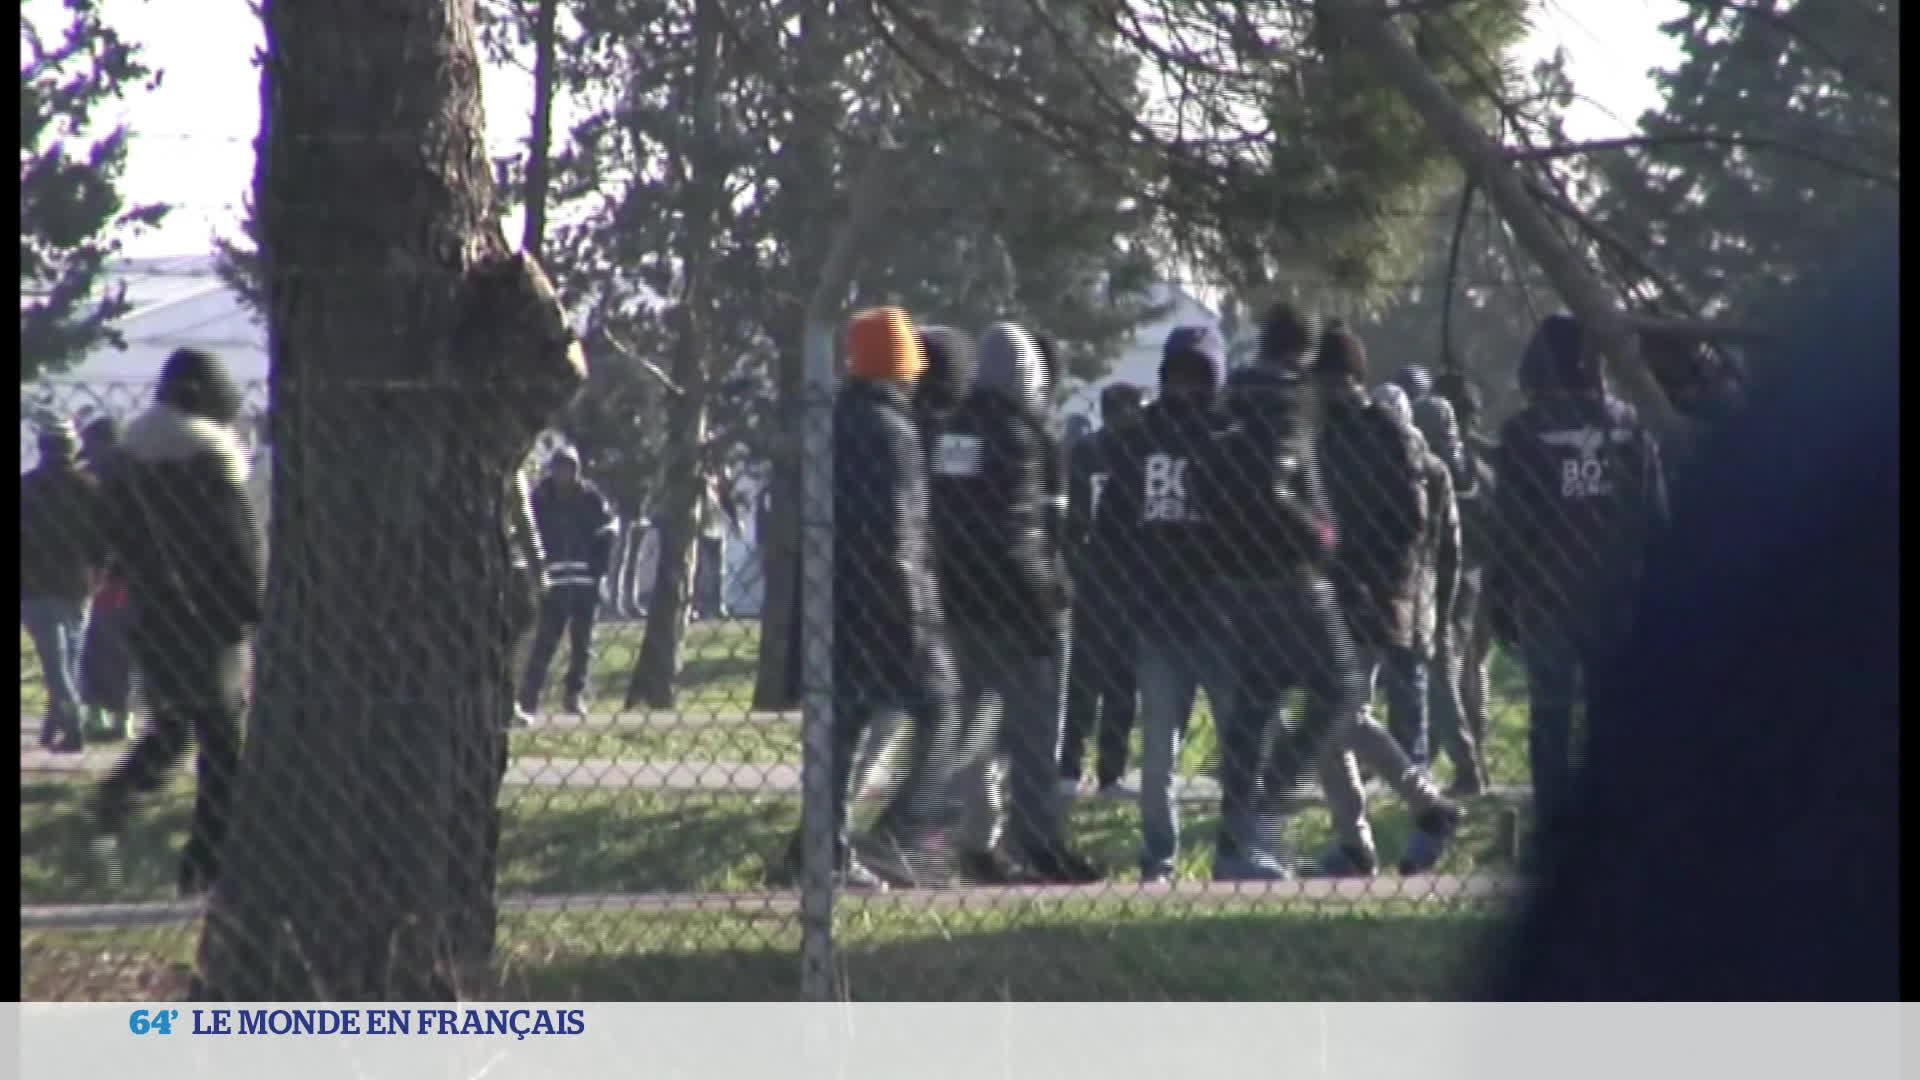 Italie : un drame qui illustre le problème de l'accueil des demandeurs d'asile e